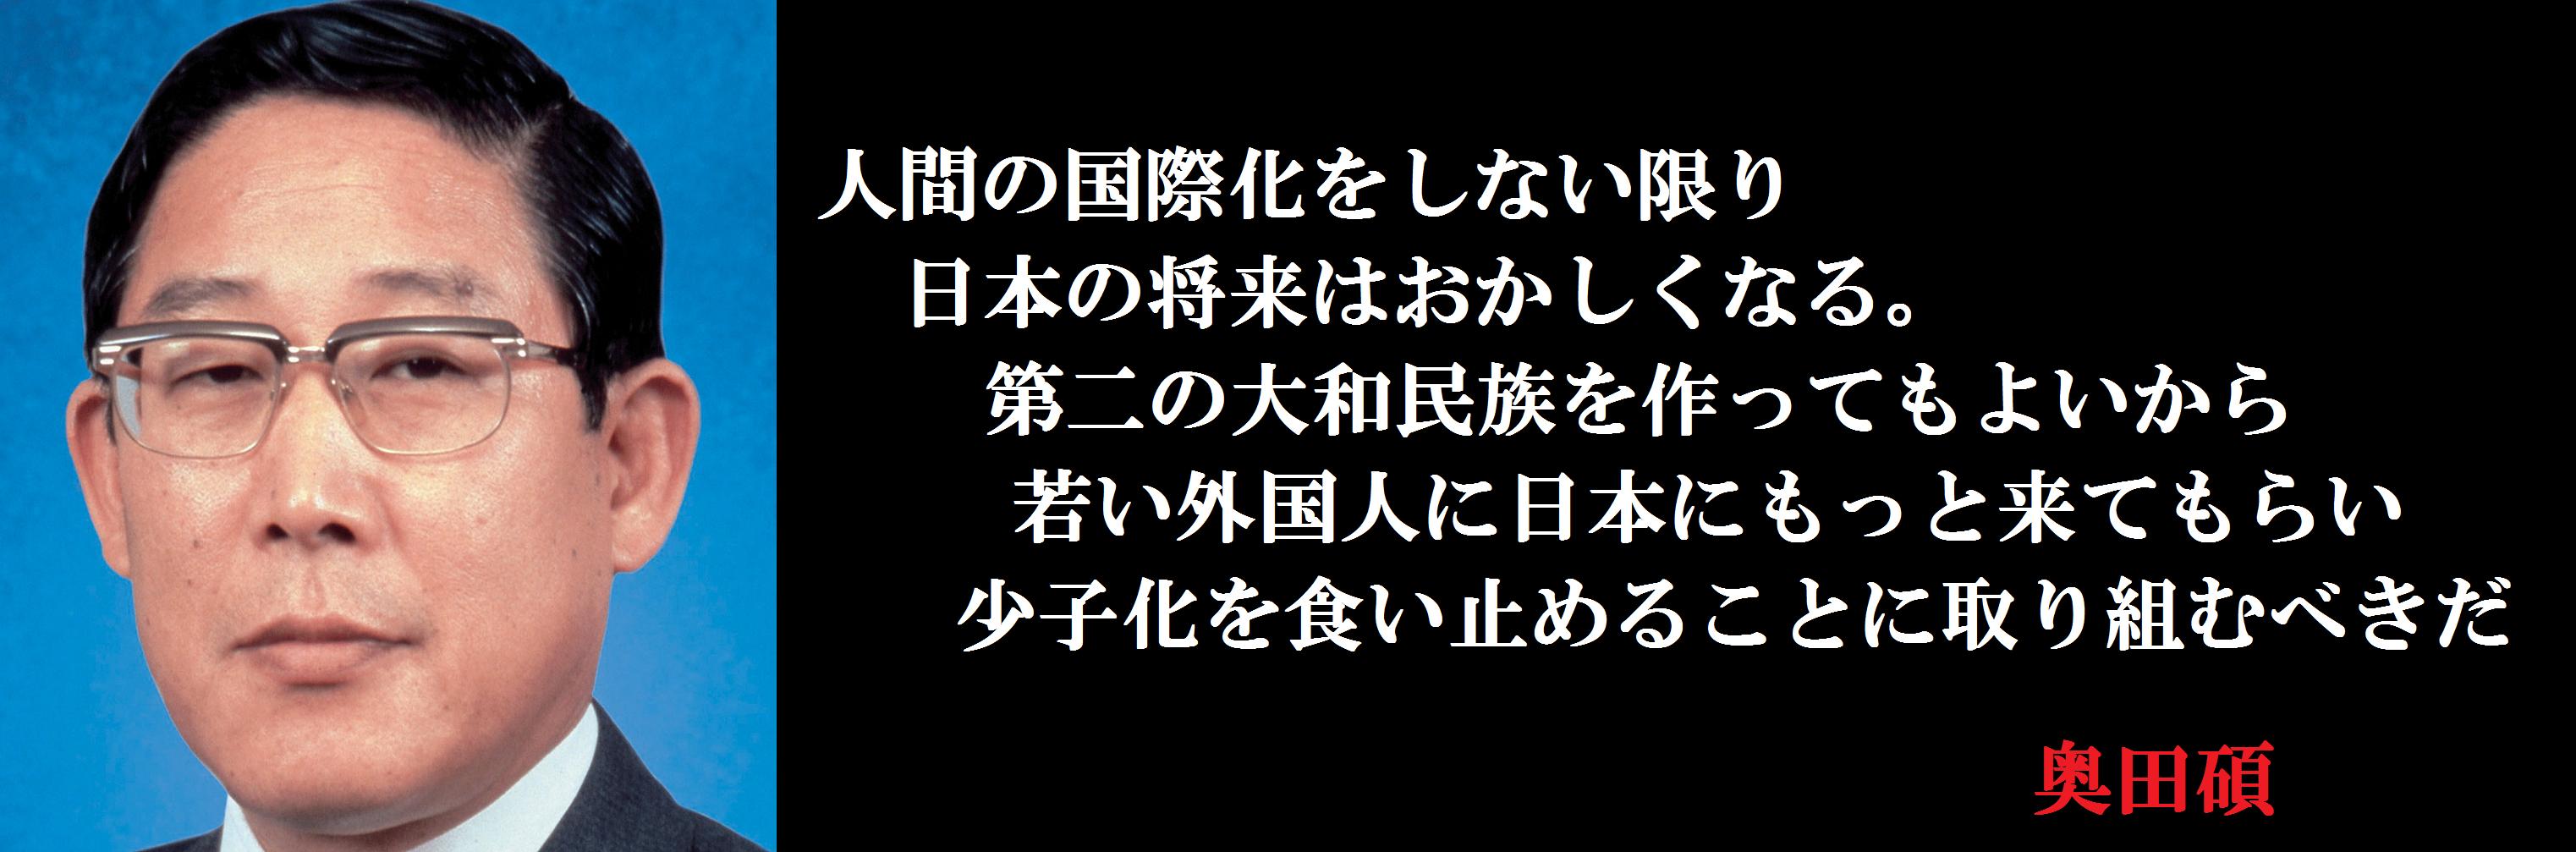 f:id:JAPbuster:20160911142224p:plain